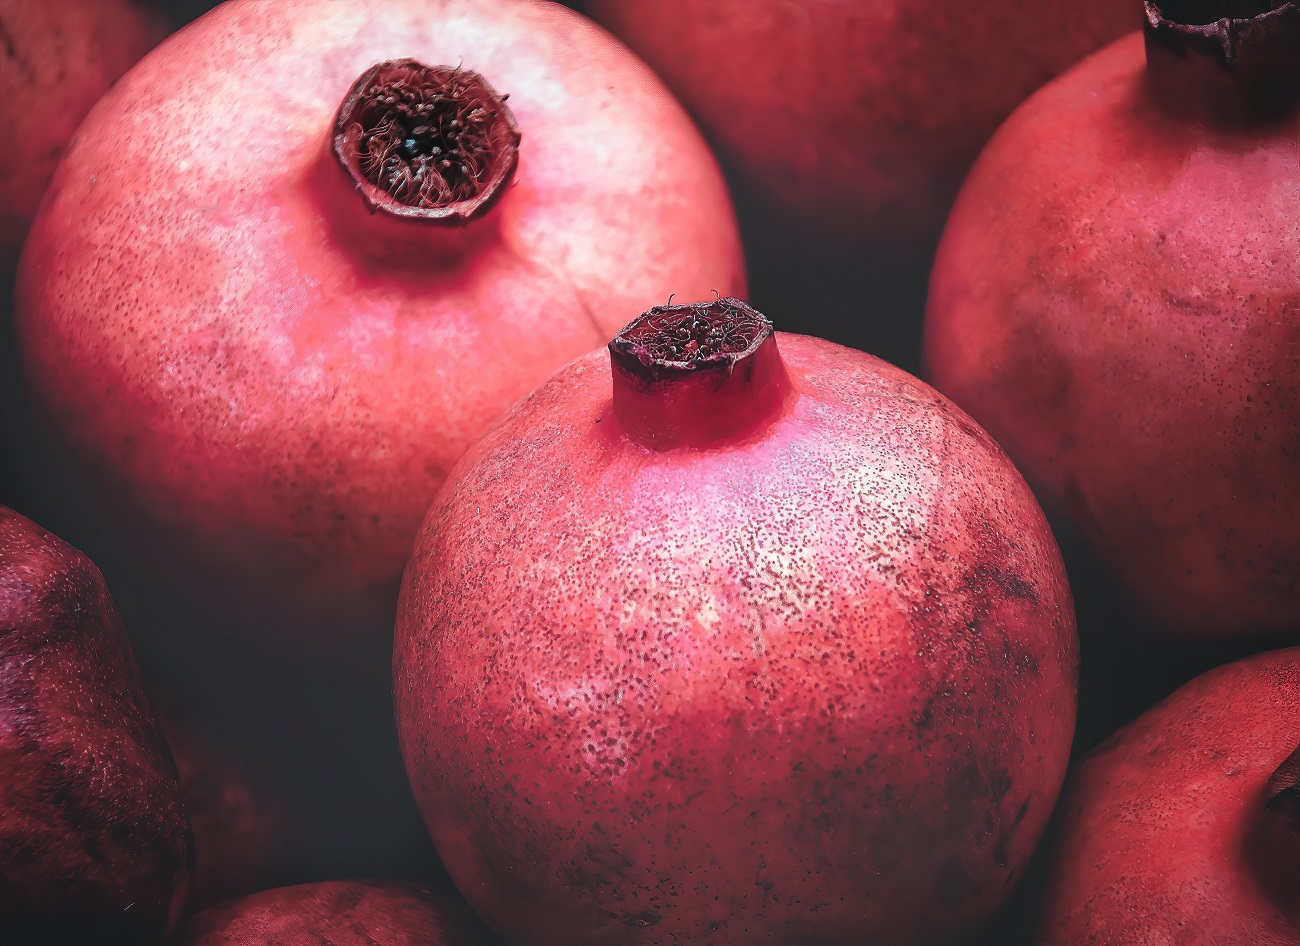 """Bloomberg: micii fermieri din China câștigă milioane de dolari din vânzarea frutelor și legumelor pe platformele de e-commerce; """"Fratele Rodie"""", noul erou al satelor chinezești"""